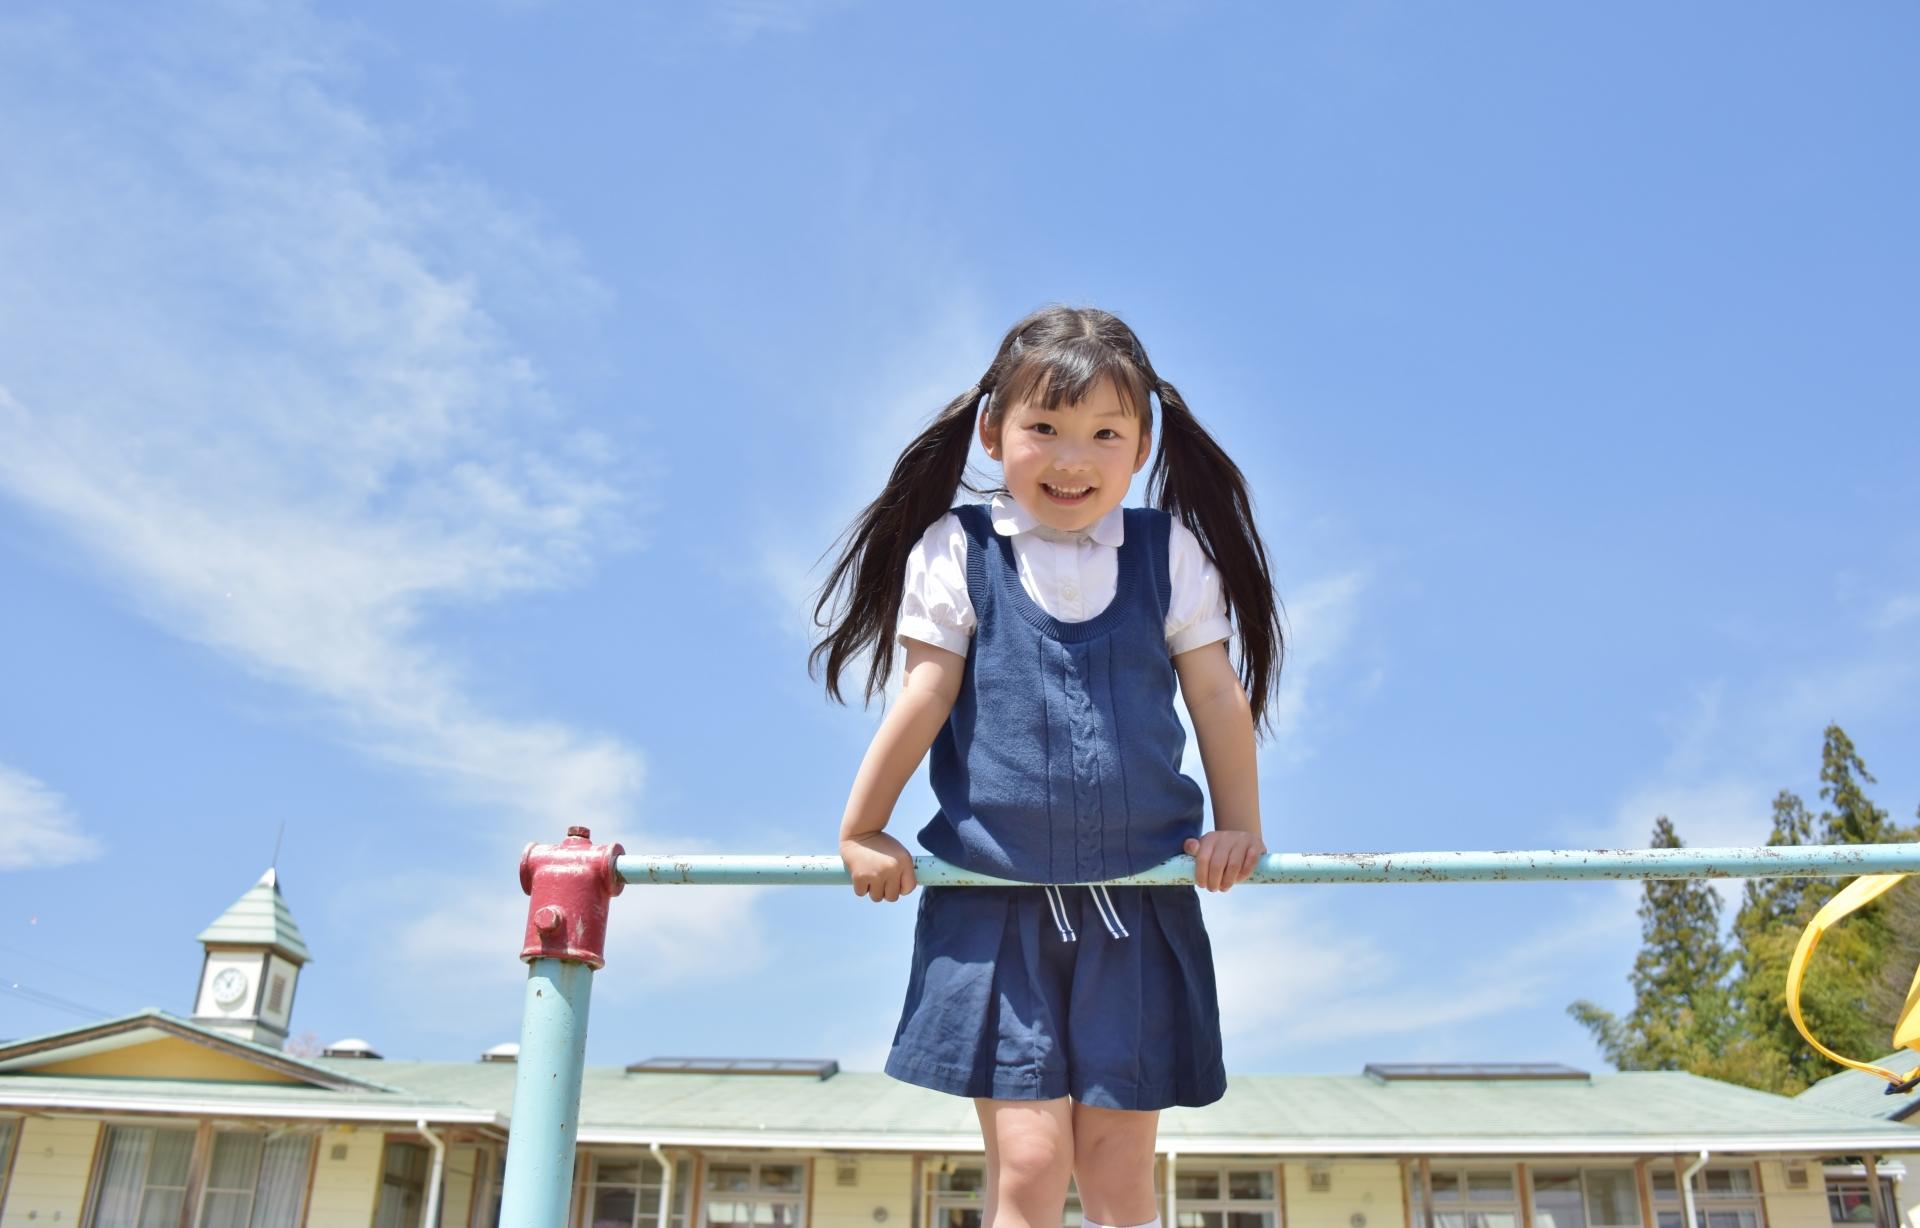 子どもの運動能力を高めるために必要なこと(前編)-幼児期の苦手意識から運動嫌いに!一斉指導よりも自由遊び!